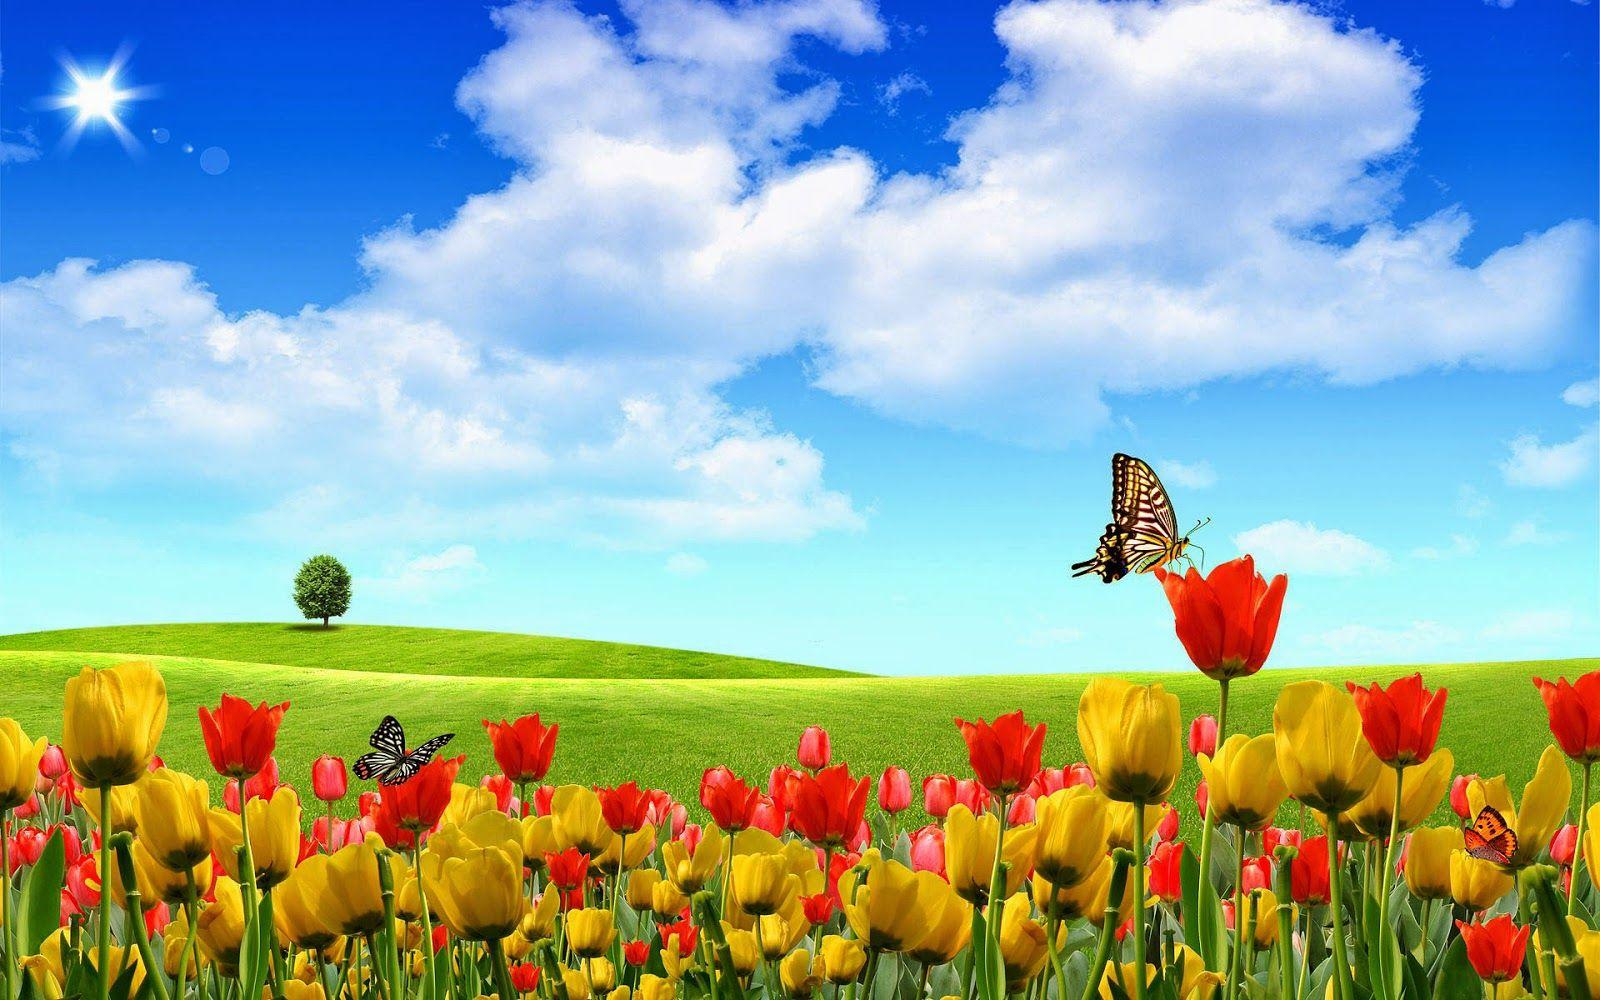 Foto zomer wallpapers hd zomer achtergronden 22 landschap bloemen gele tulpen rode tulpen - Foto wallpaper ...